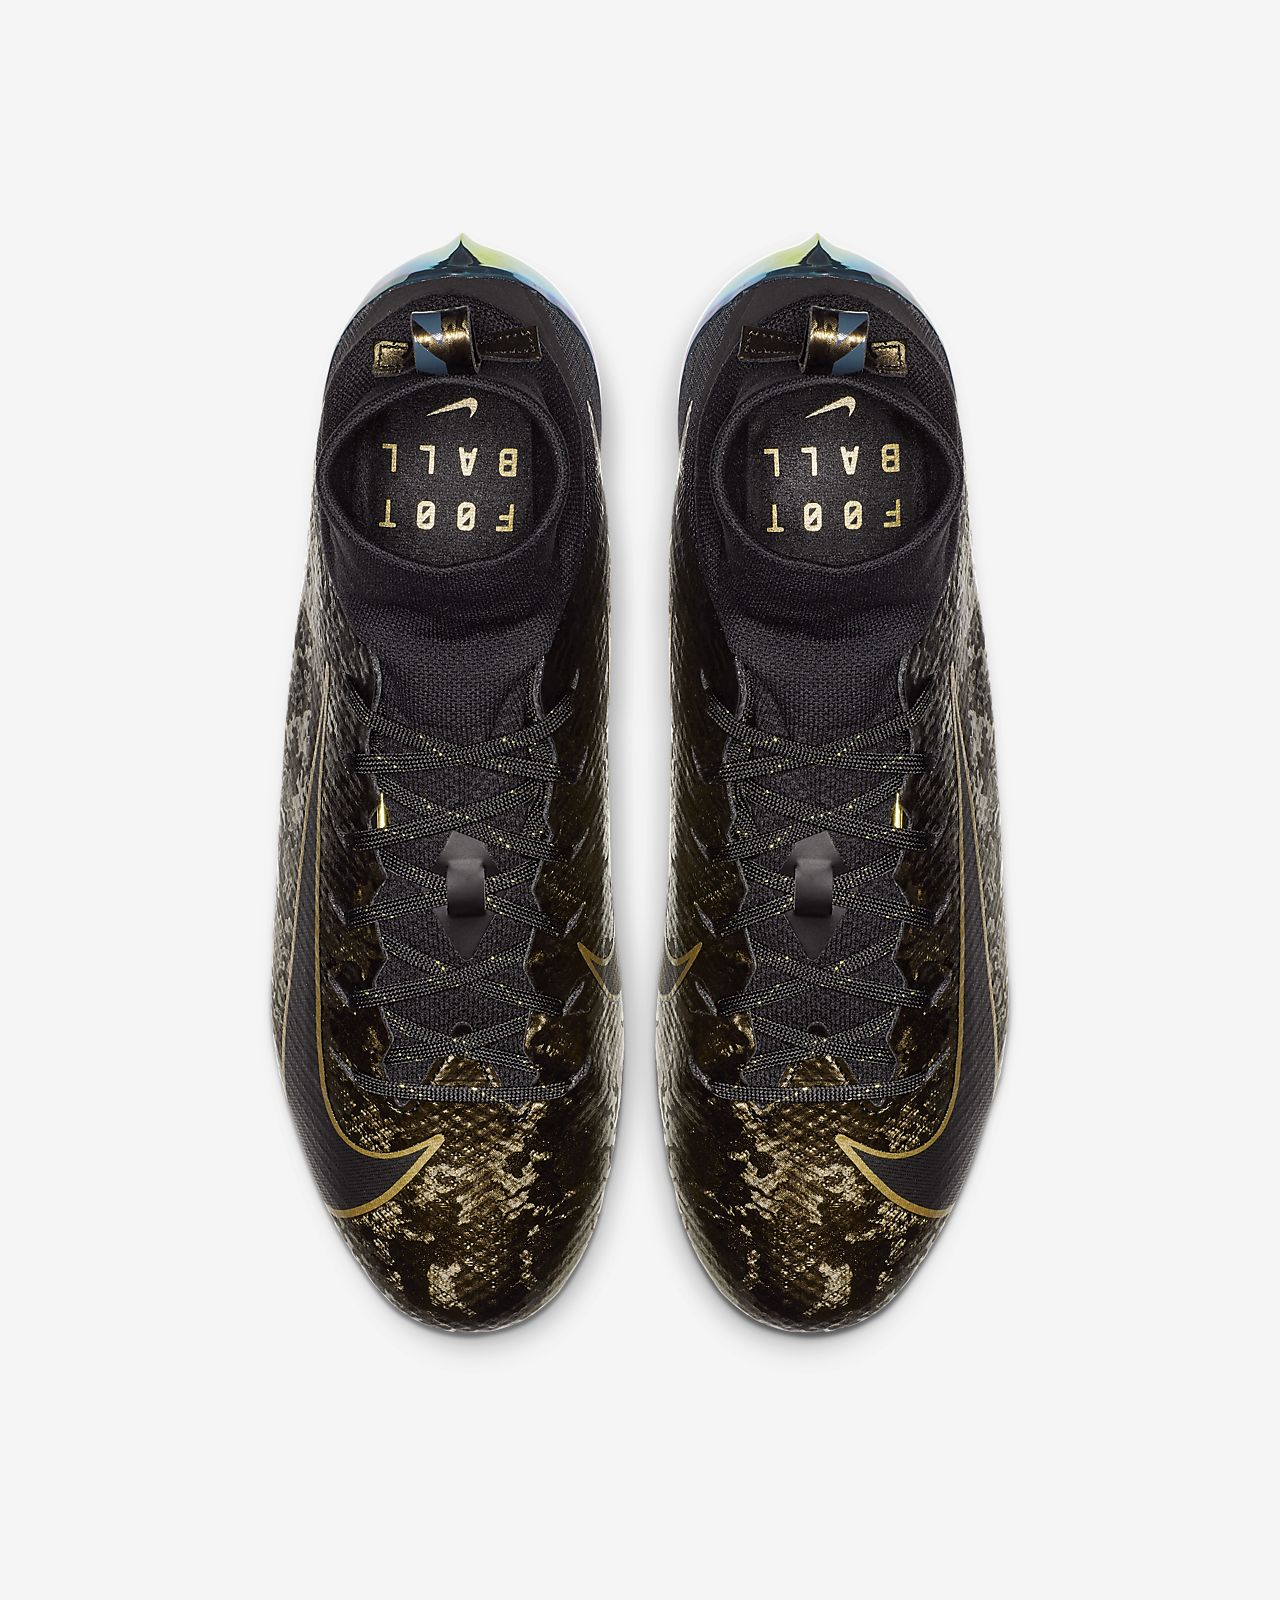 4e0d72f570a Vapor Untouchable Pro 3 PRM Football Cleat. Nike.com